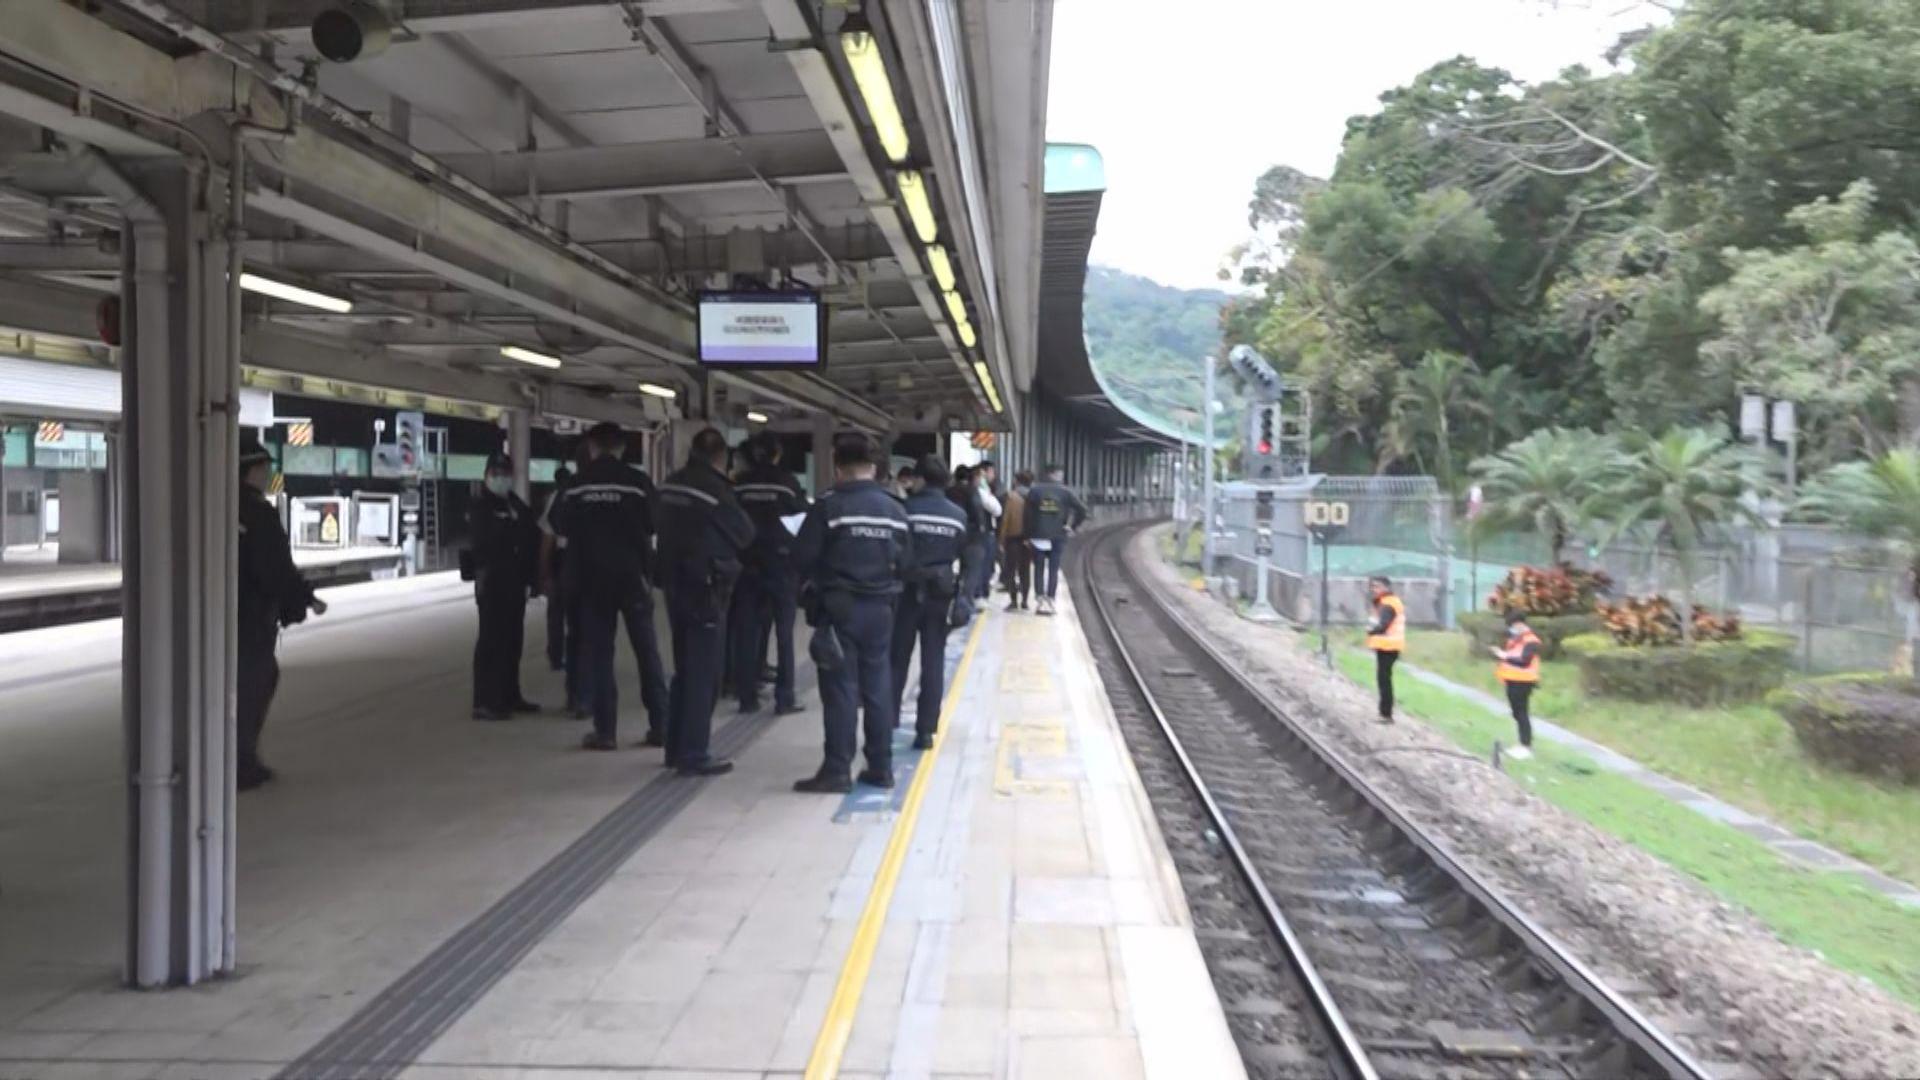 大埔墟站發現可疑物品 警方證實不是爆炸品